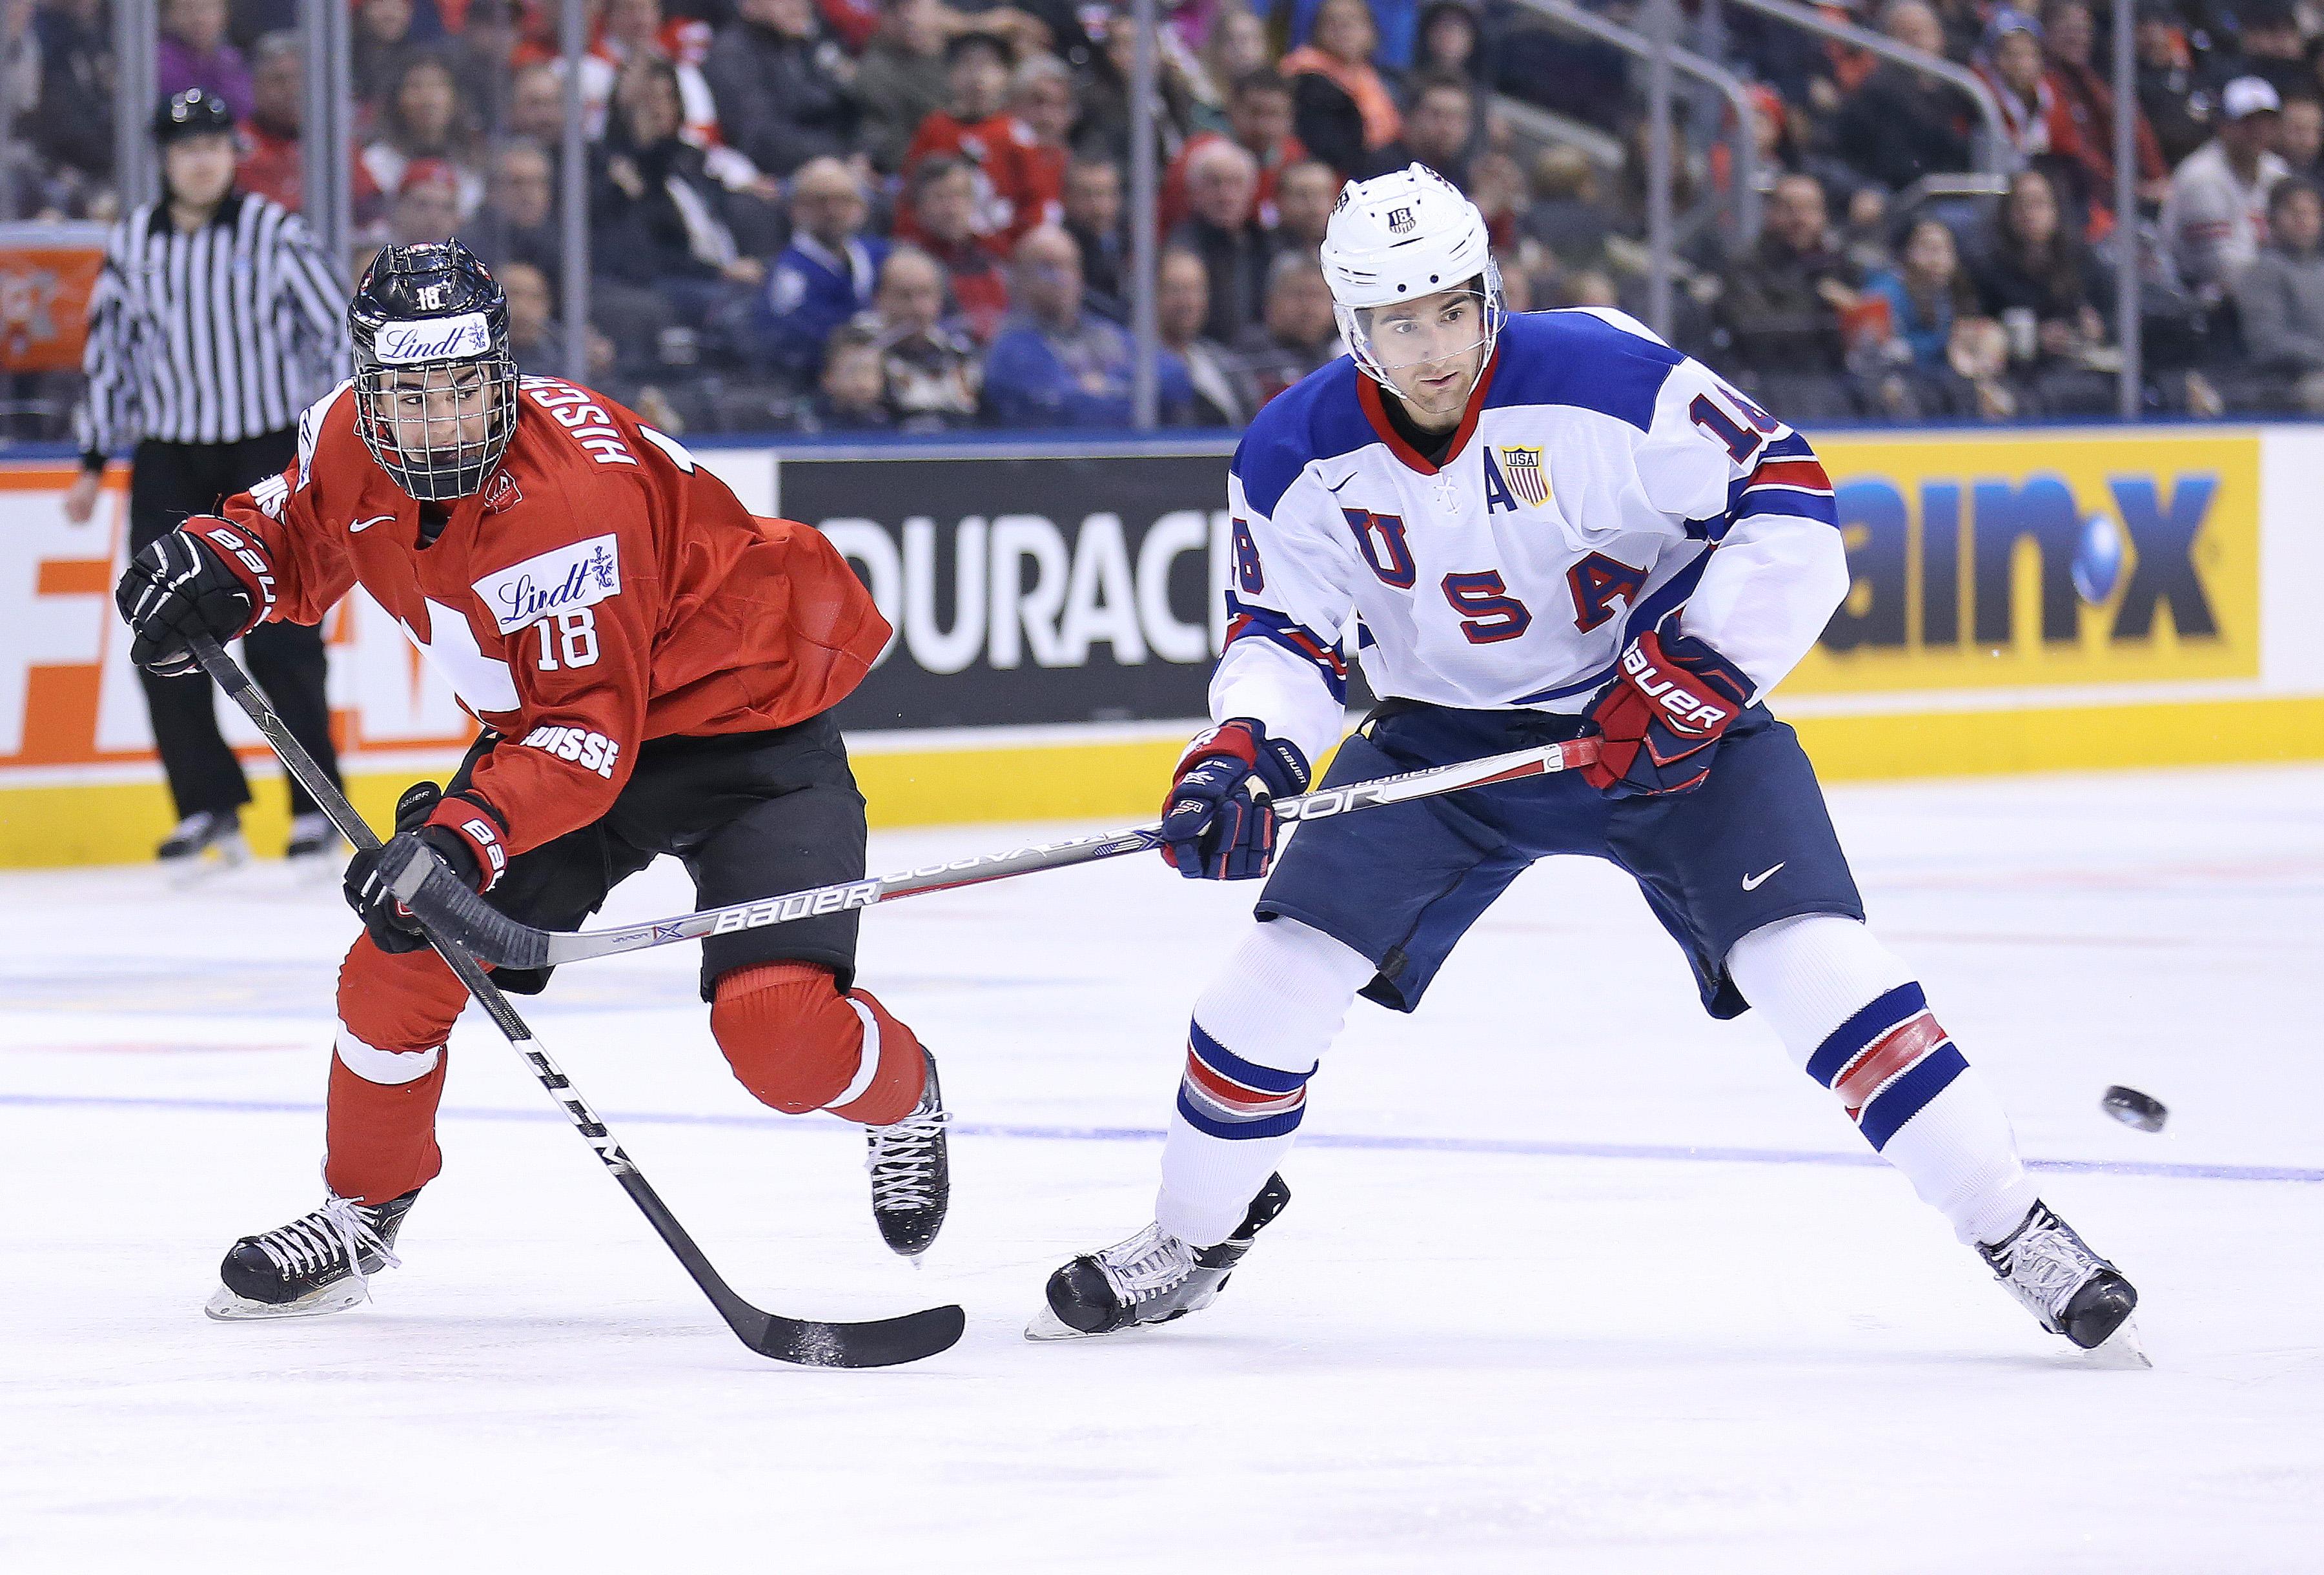 USA v Switzerland - 2017 IIHF World Junior Championships